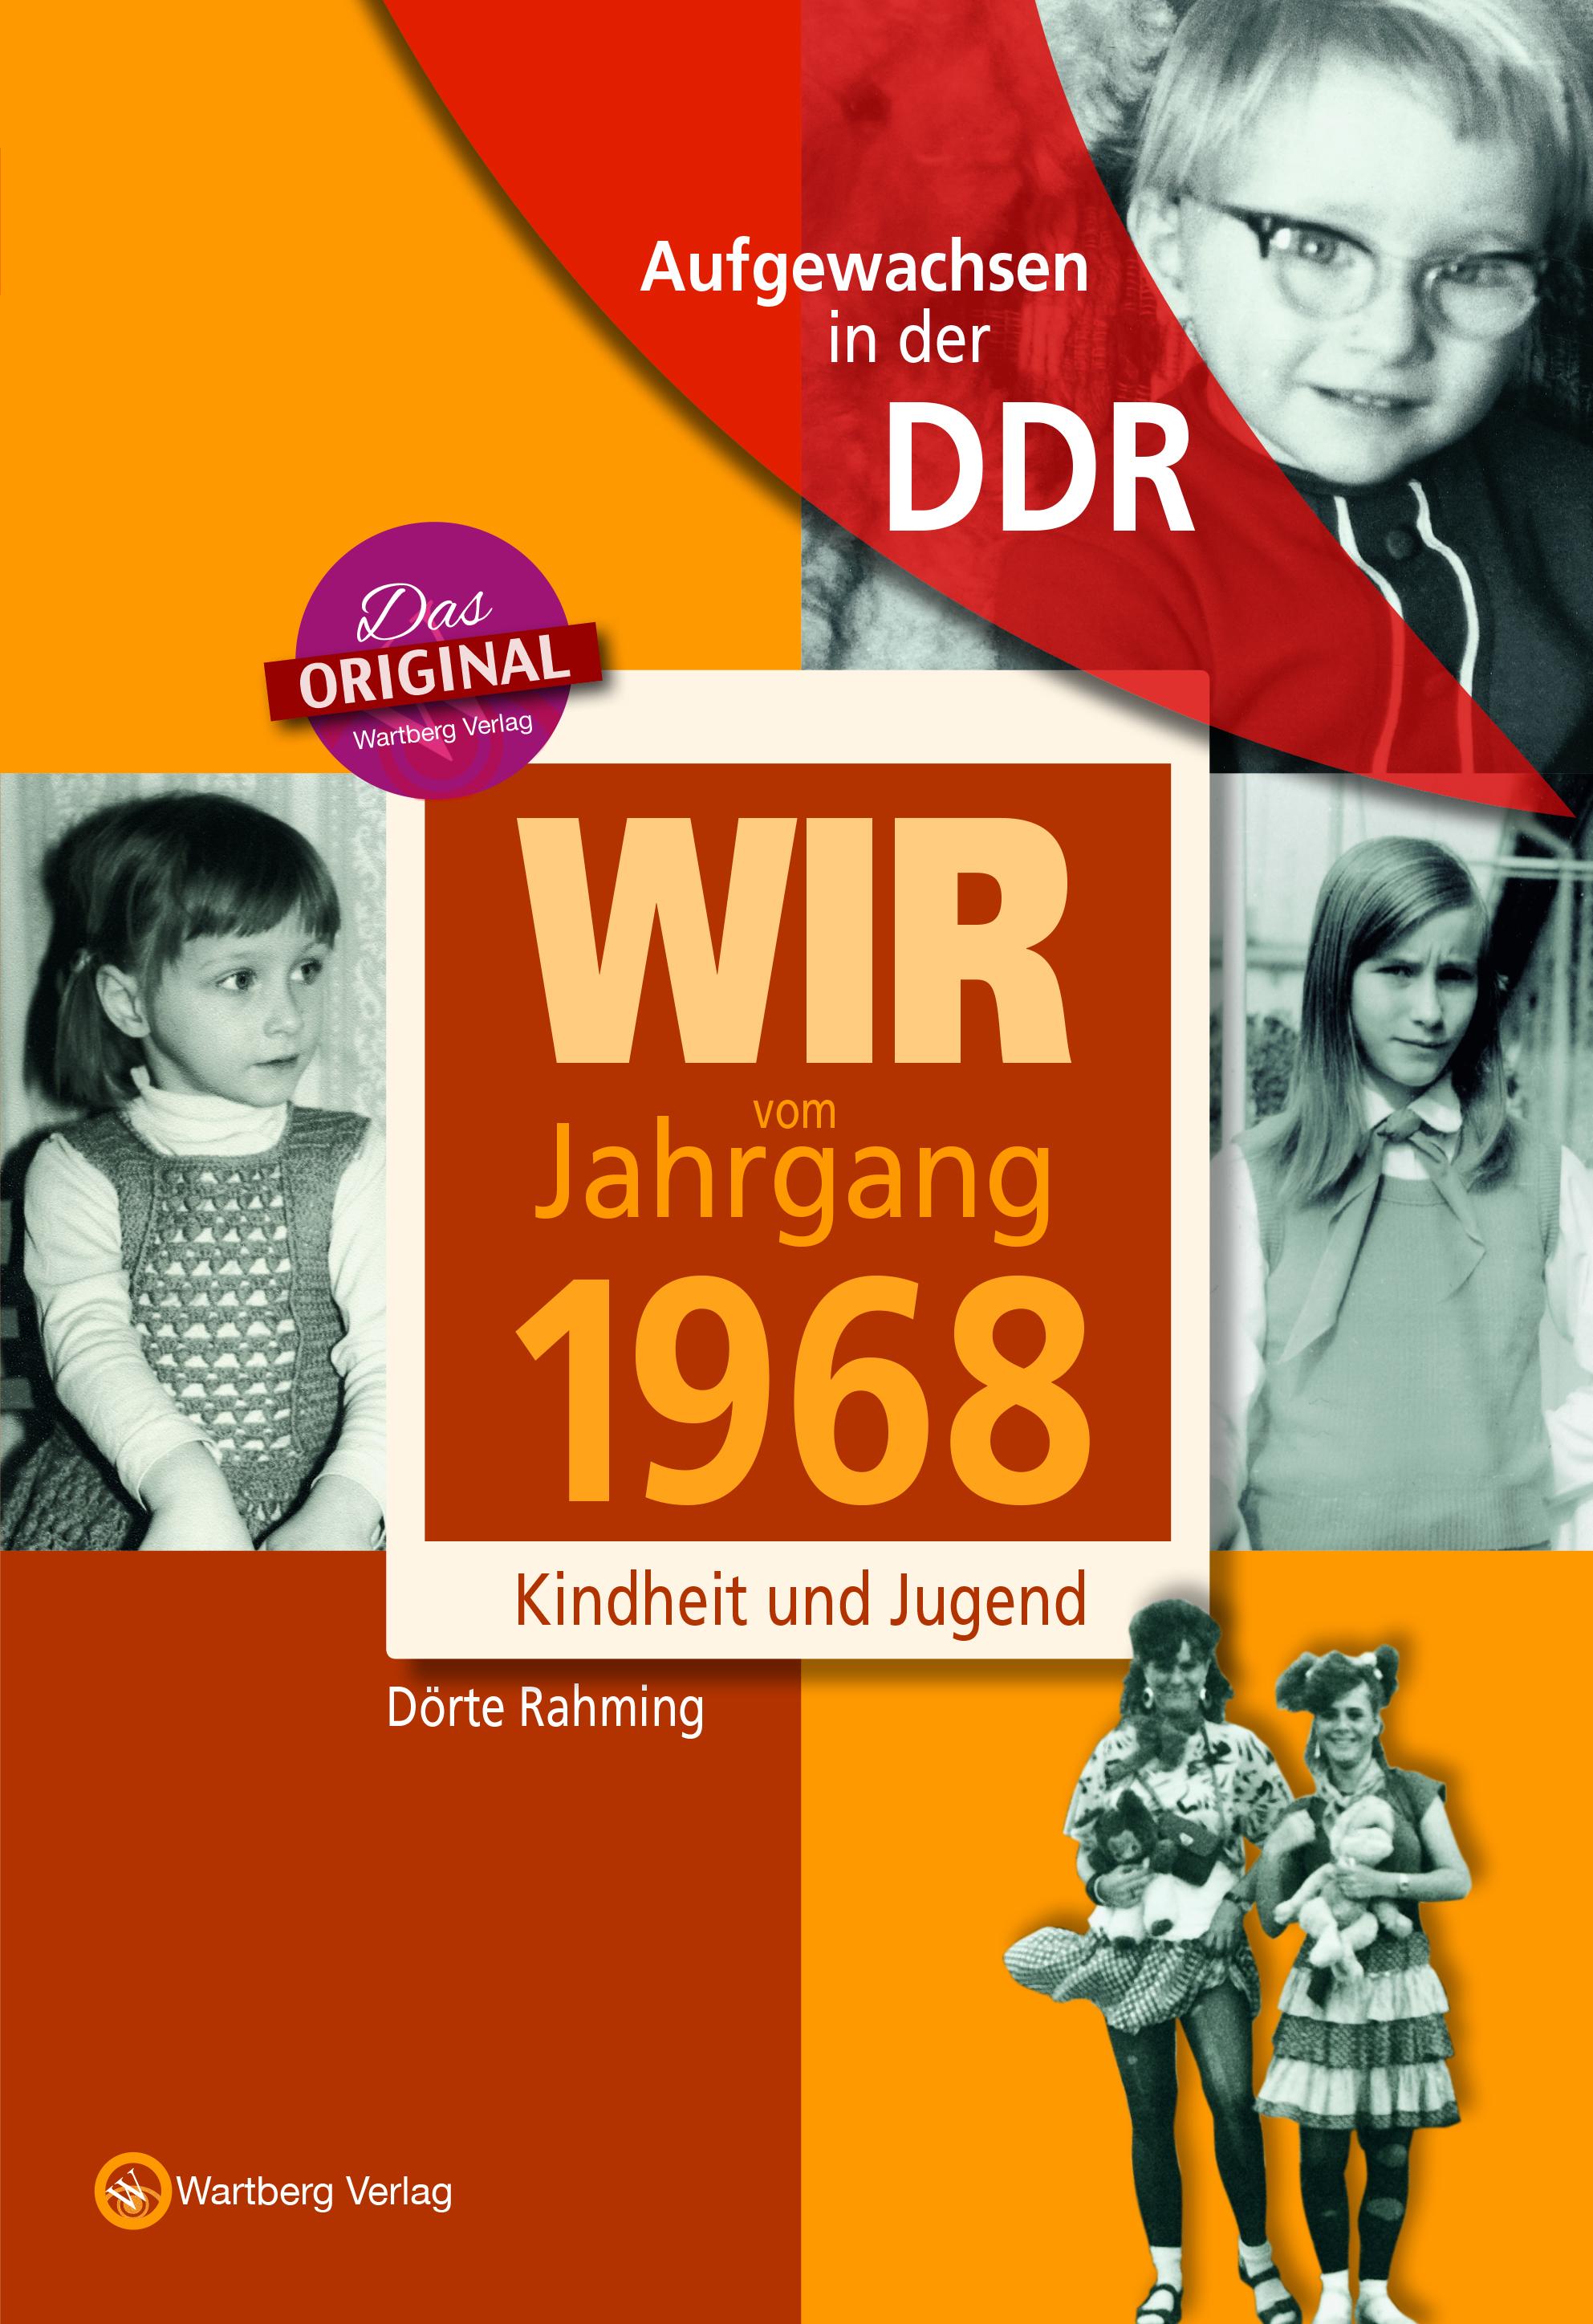 NEU-Aufgewachsen-in-der-DDR-Wir-vom-Jahrgang-1968-Kindheit-und-Ju-331680